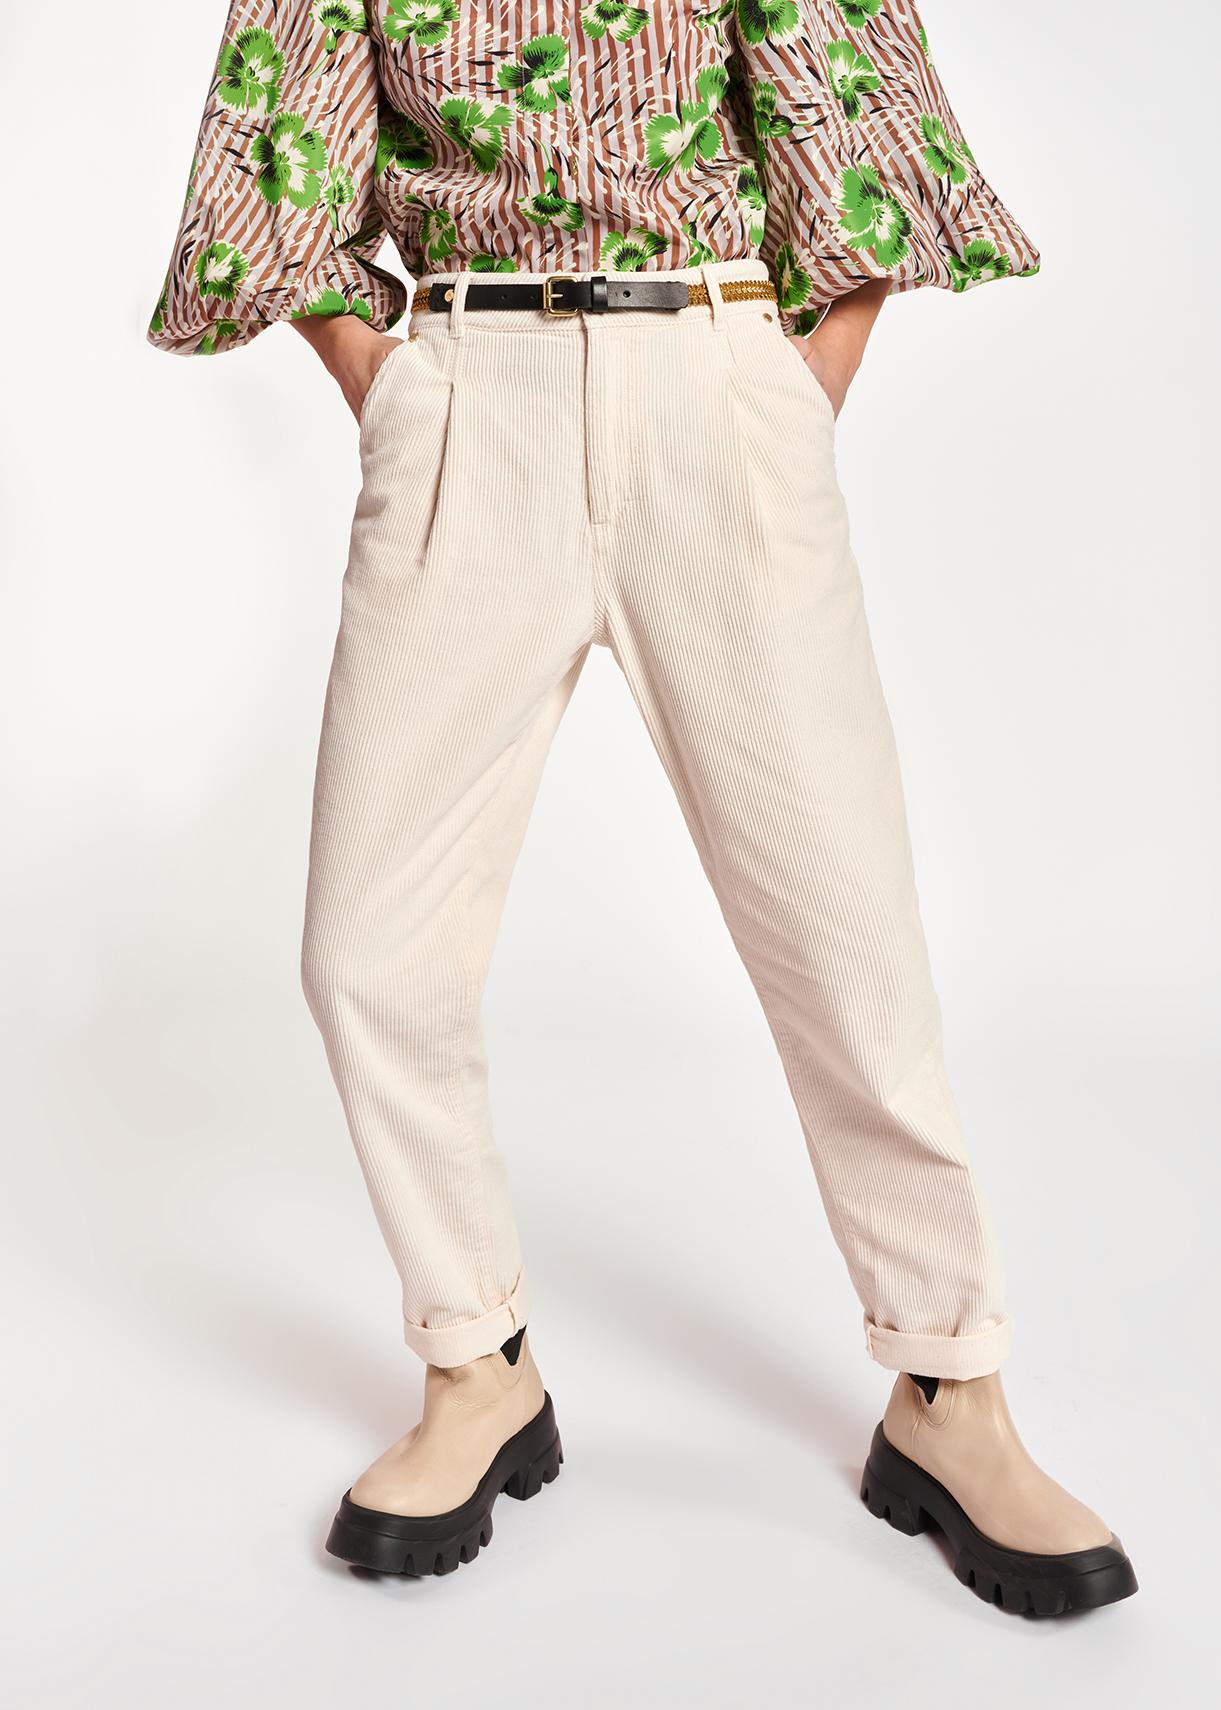 pantaloni ESSENTIEL | ASHTONISHING PANTSOW01